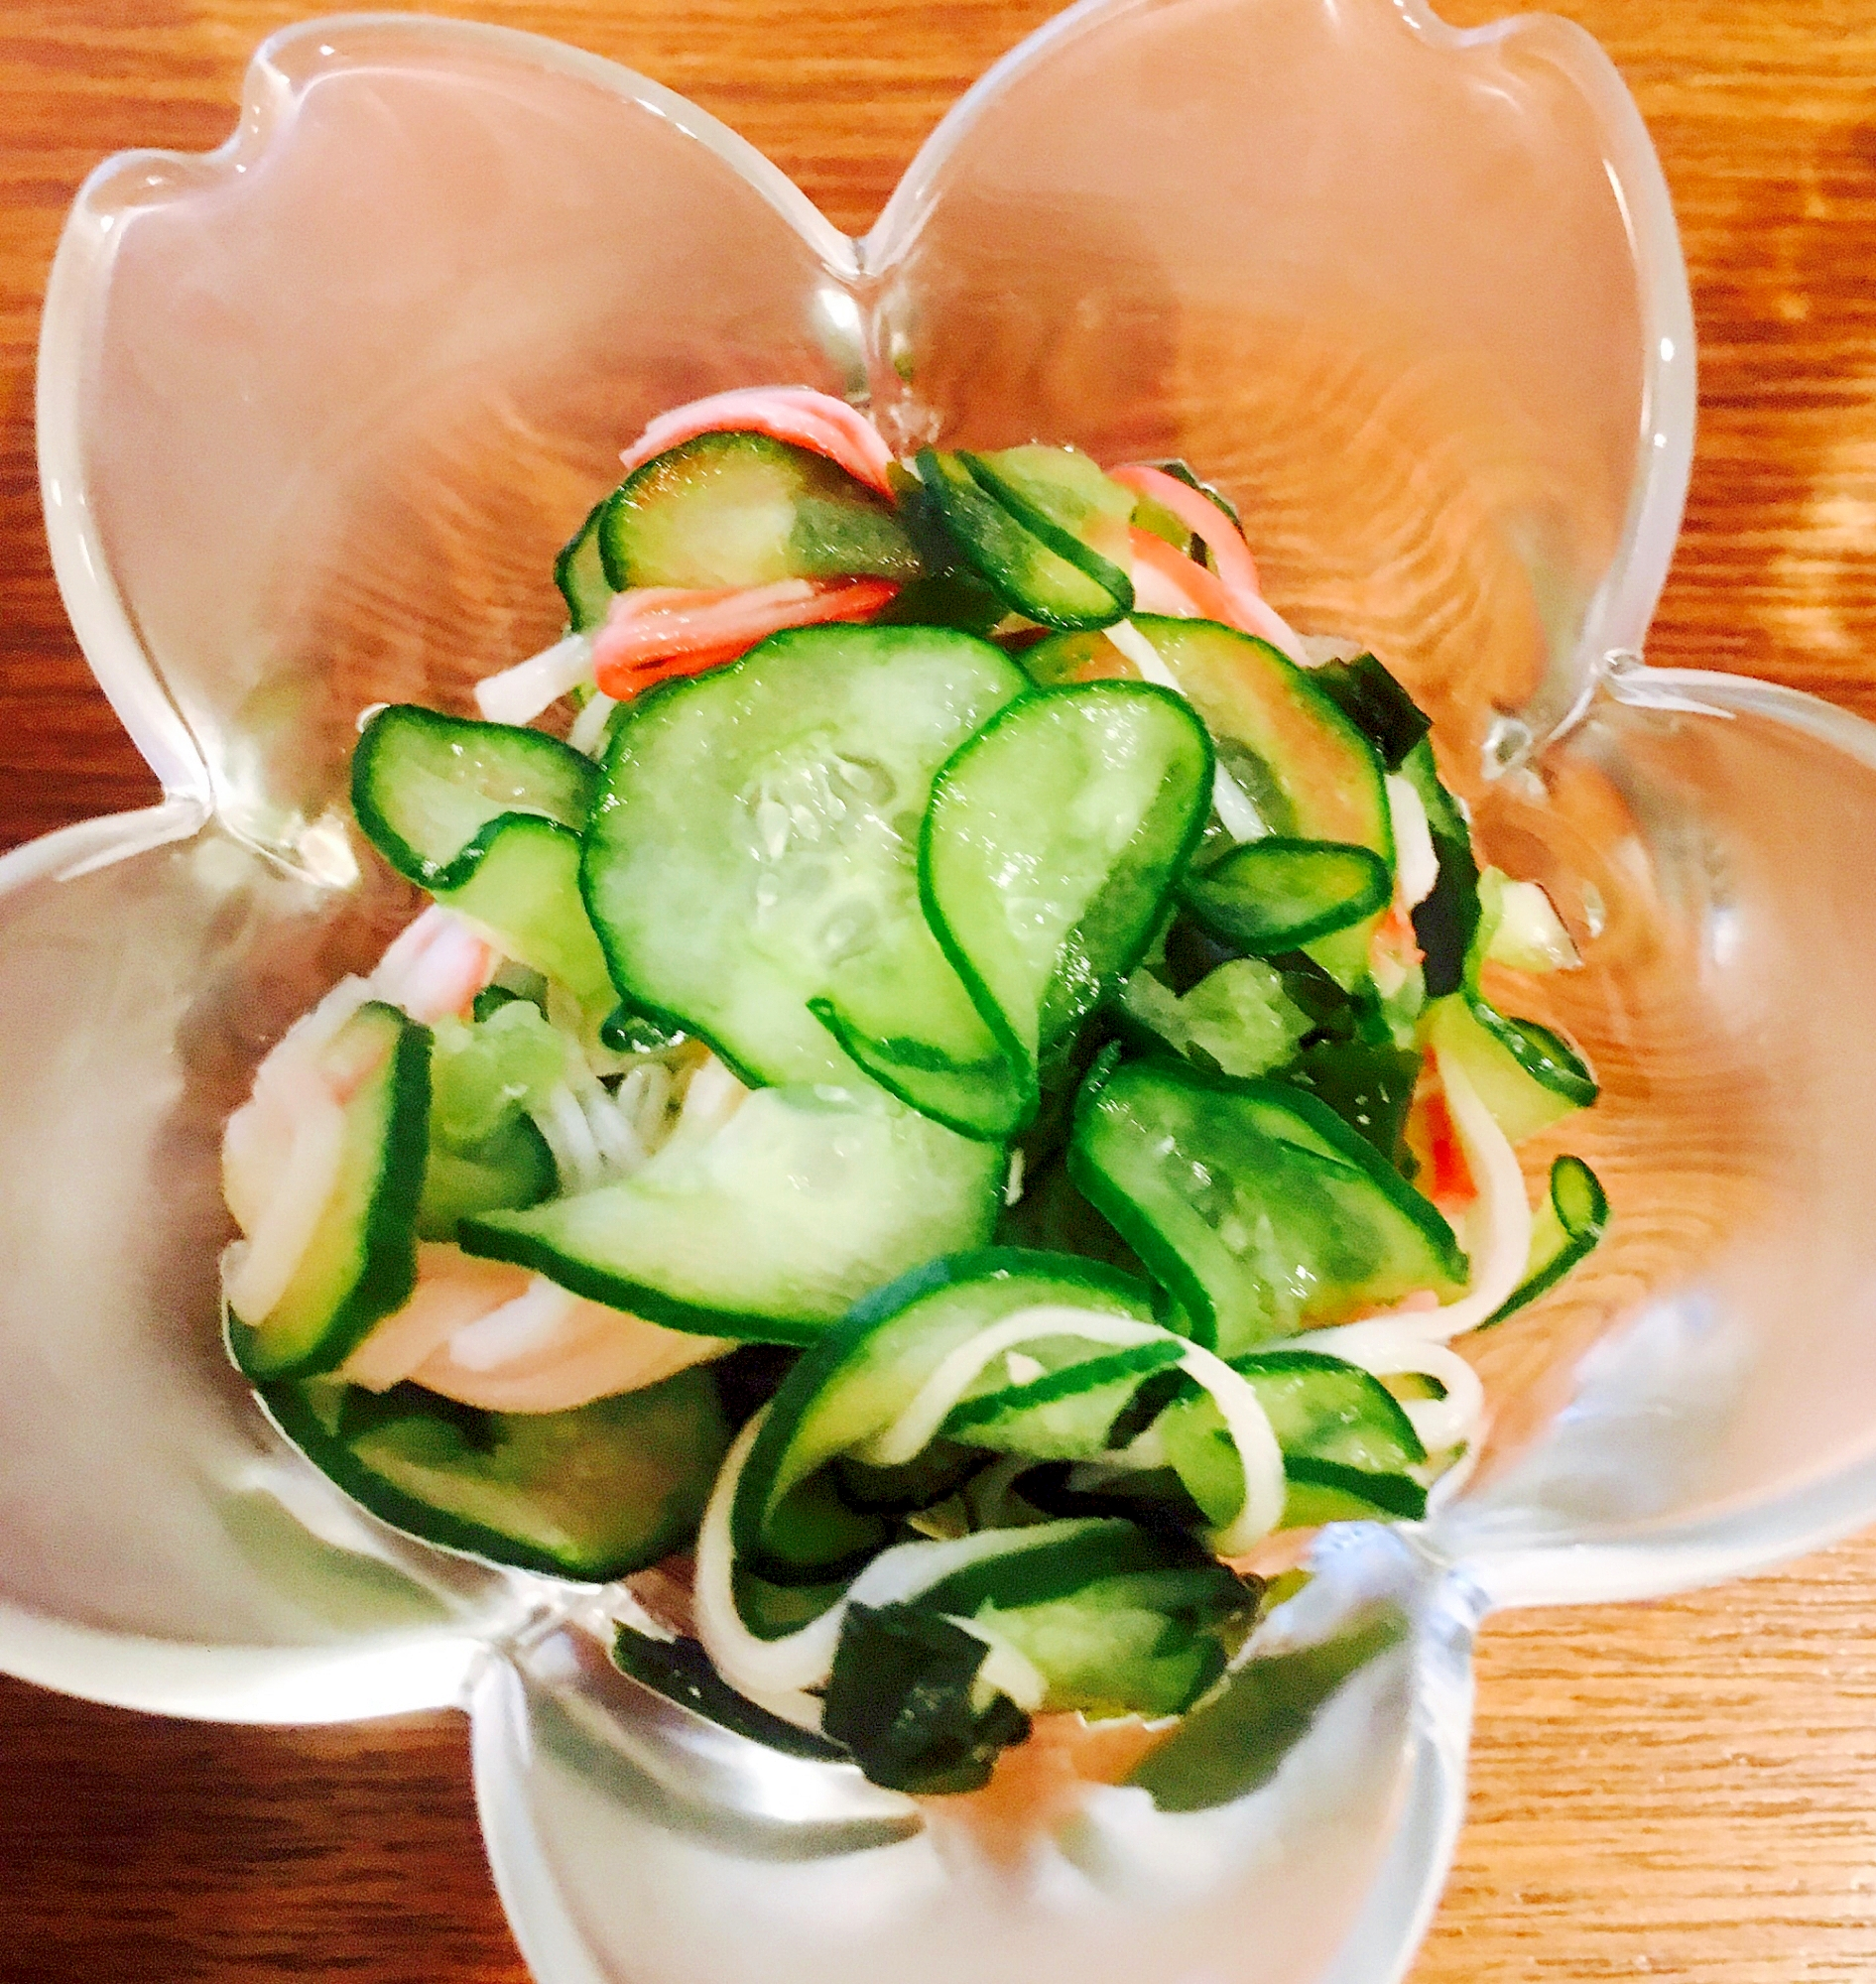 透明の桜型小鉢に盛られた、きゅうりとわかめ+カニカマの酢の物